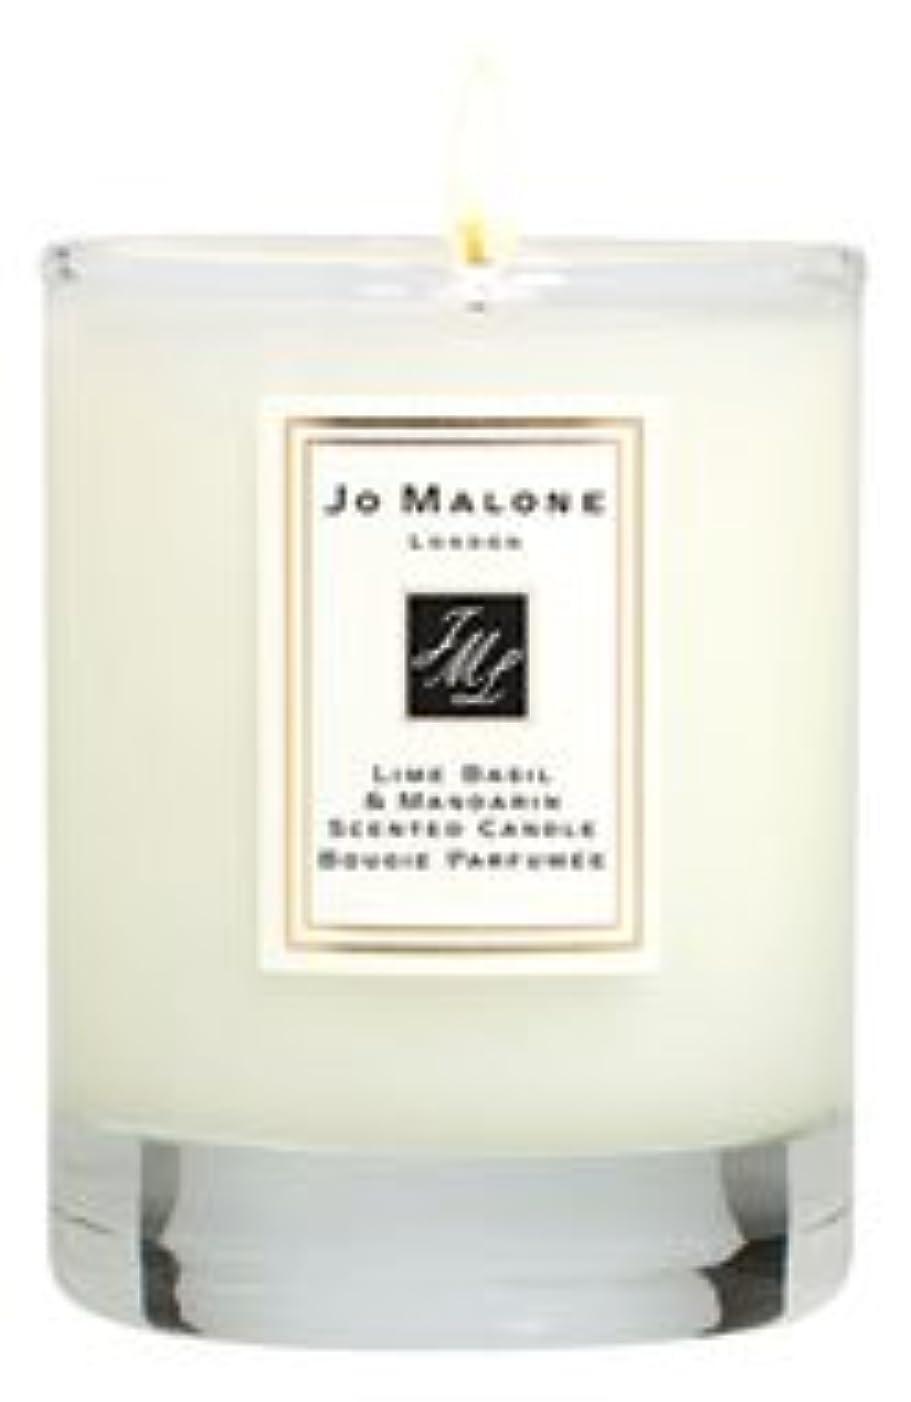 成熟安全性練るジョーマローン ホワイト ジャスミン&ミント 7.0 oz (210ml) ホーム キャンドル (香りつき)